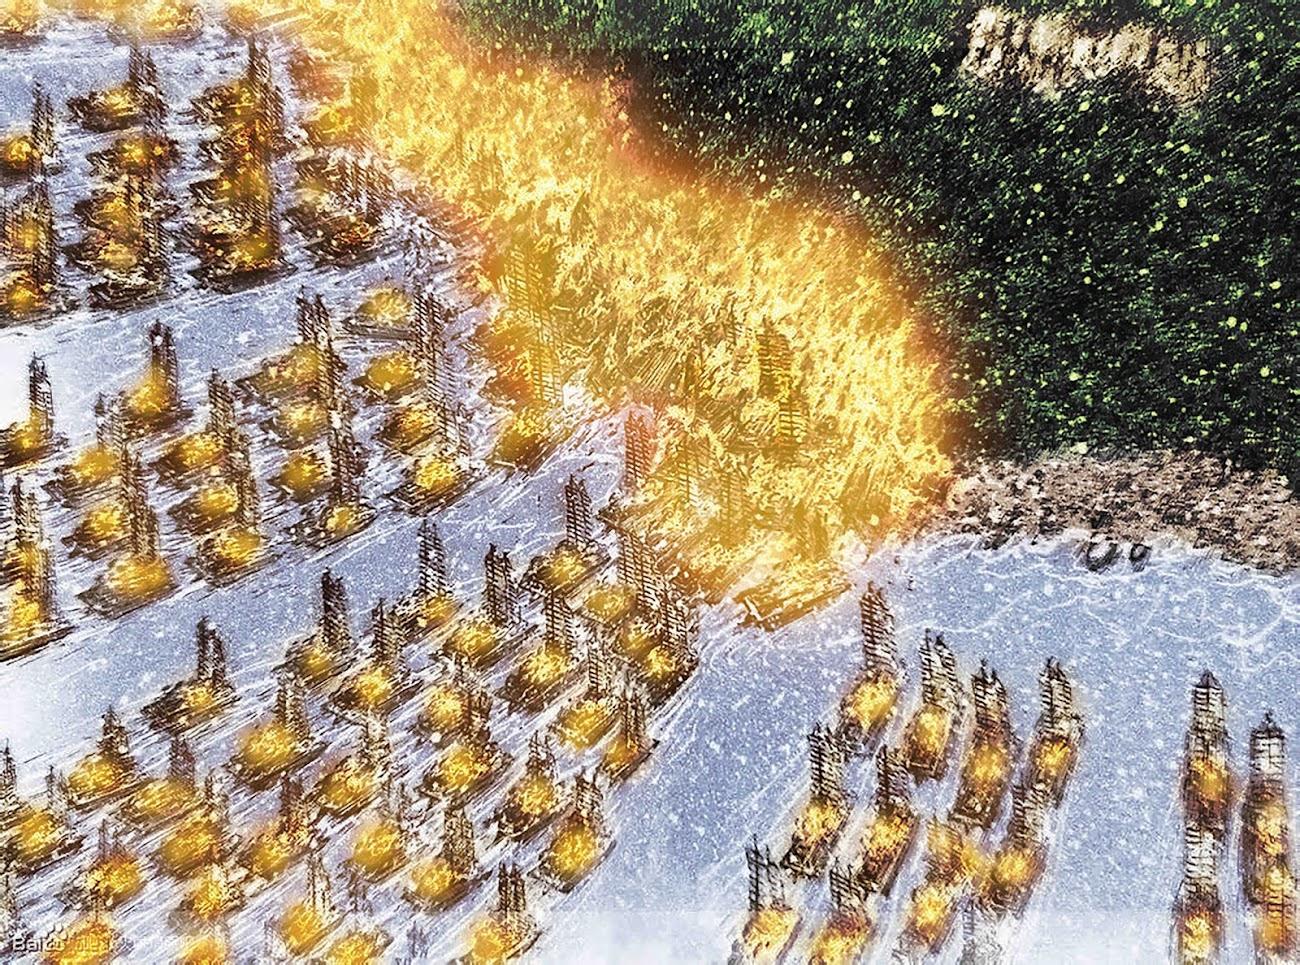 Hỏa phụng liêu nguyên Chương 422: Đệ nhị luân hỏa [Remake] trang 21